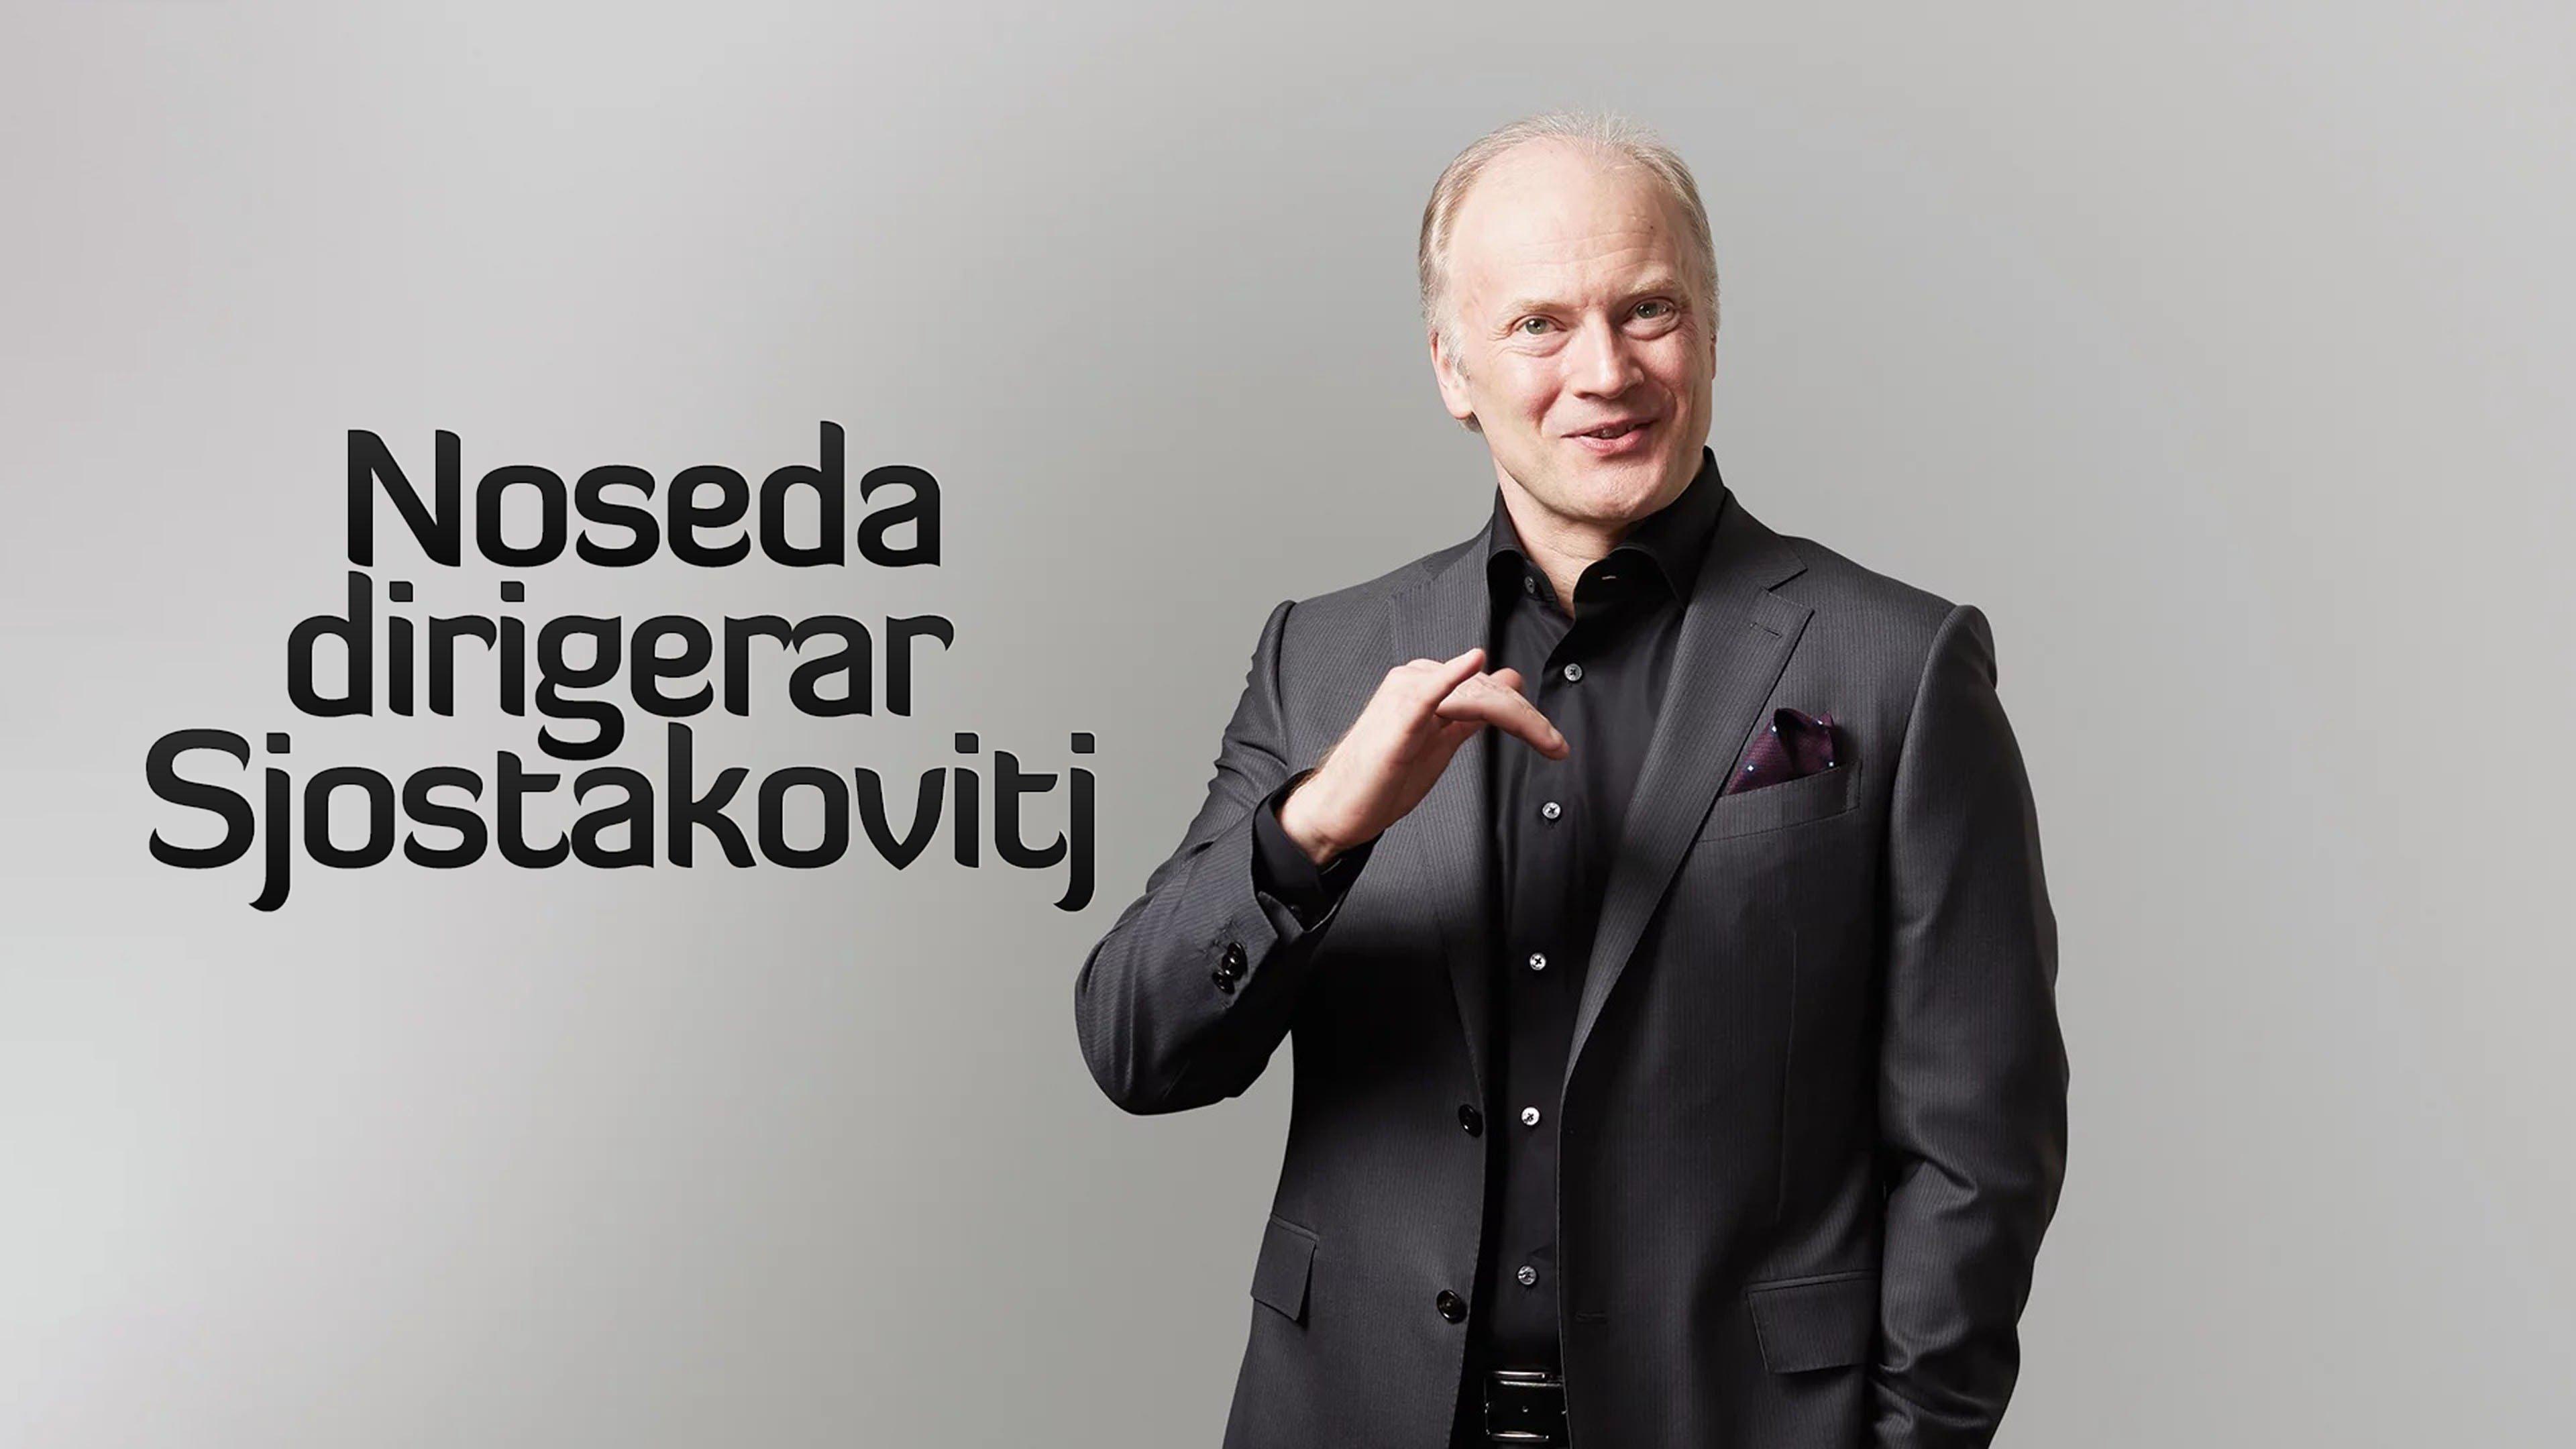 Noseda dirigerar Sjostakovitj